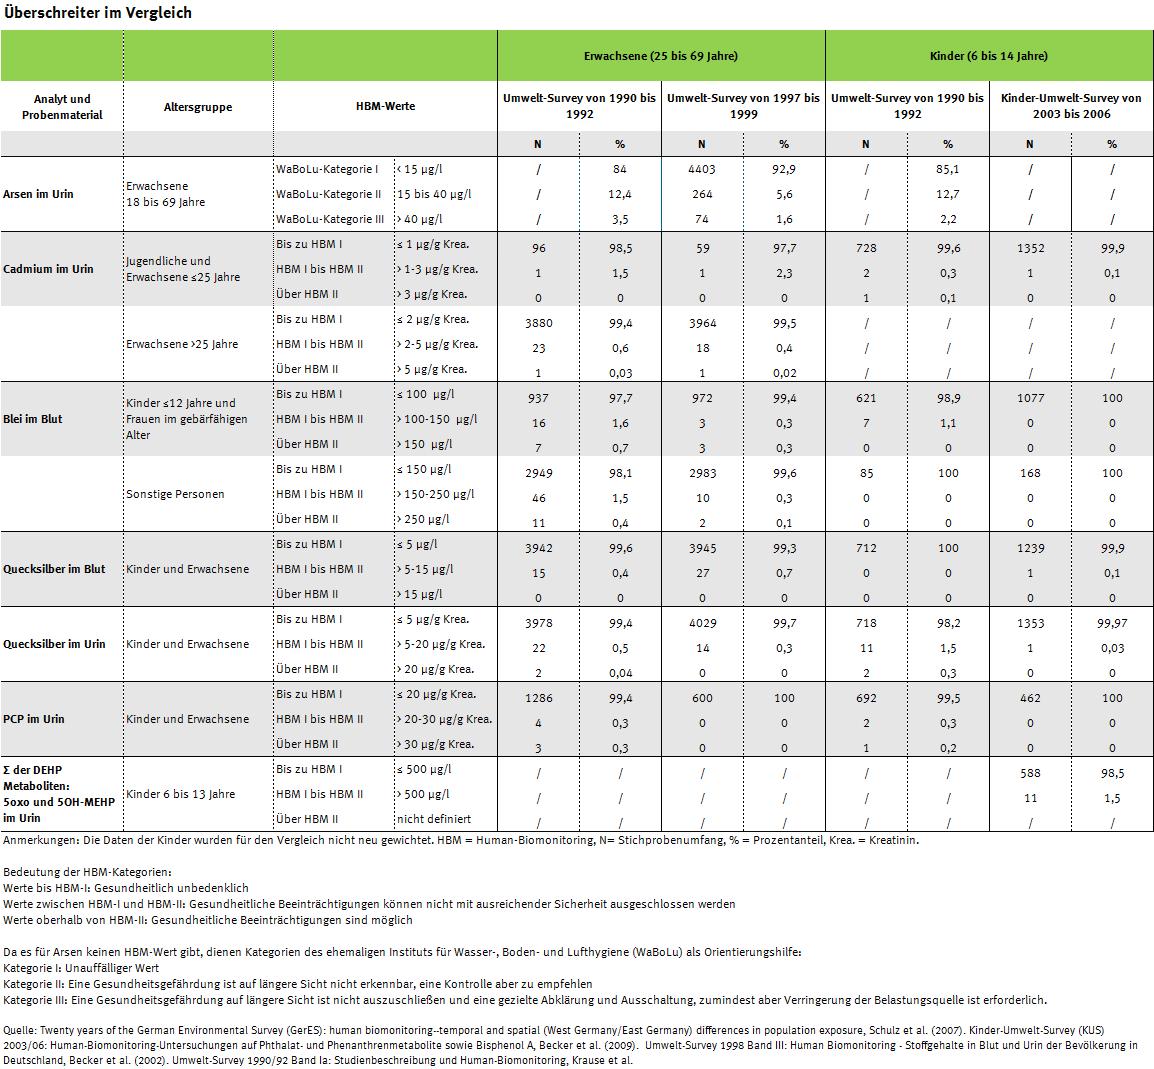 Tabellenübersicht der HBM-Wert-Überschreiter seit 1990